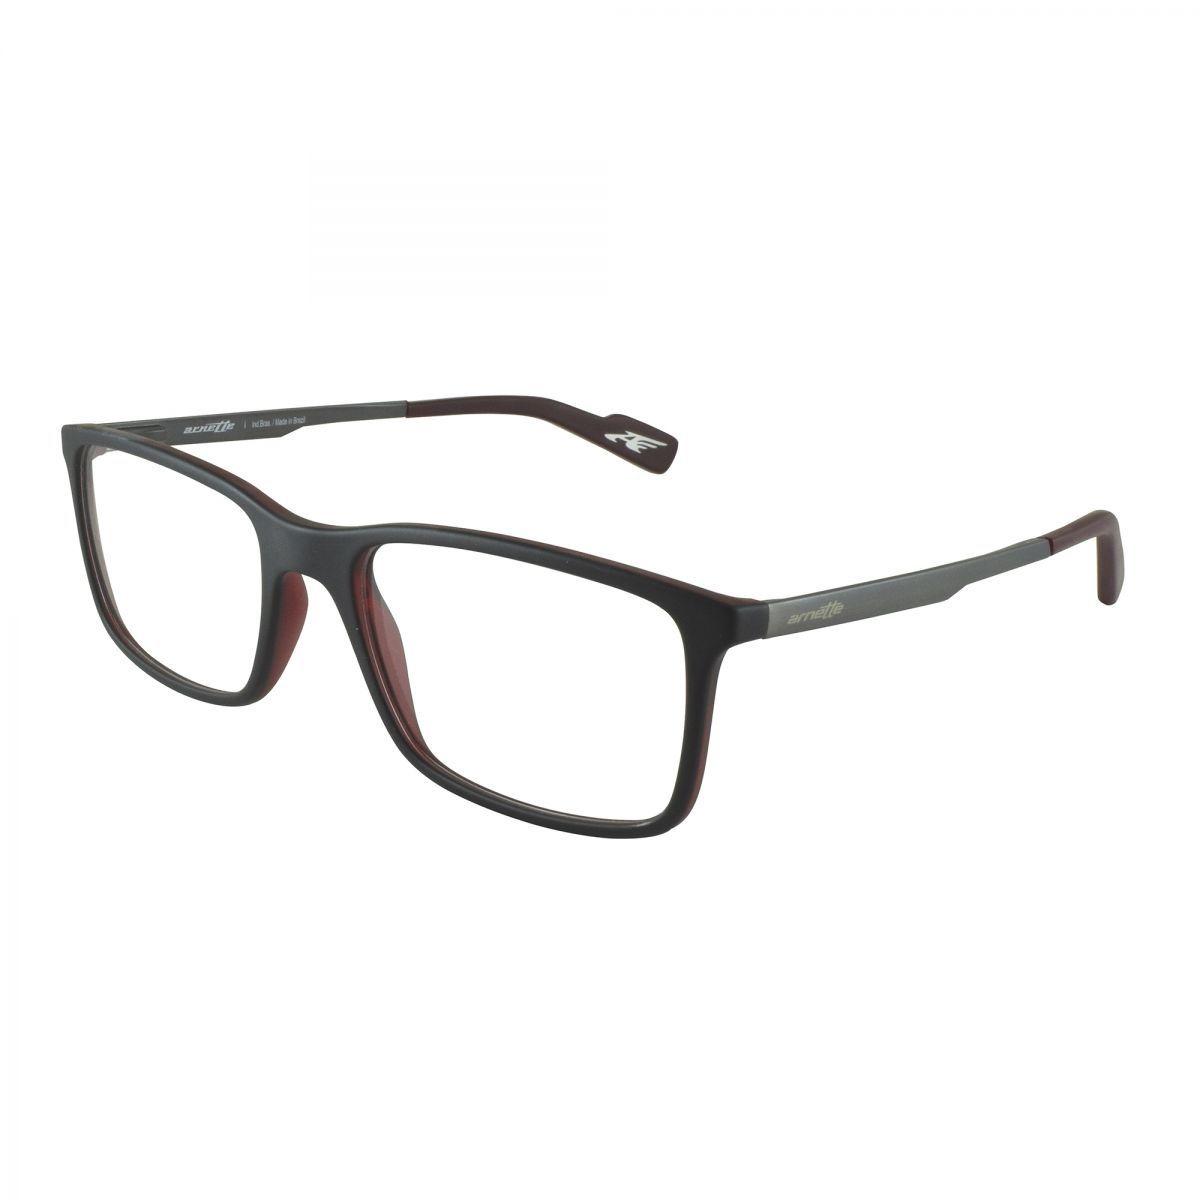 Armação Óculos De Grau Arnette An7114l 2316 - R  229,00 em Mercado Livre b15b9aac0f